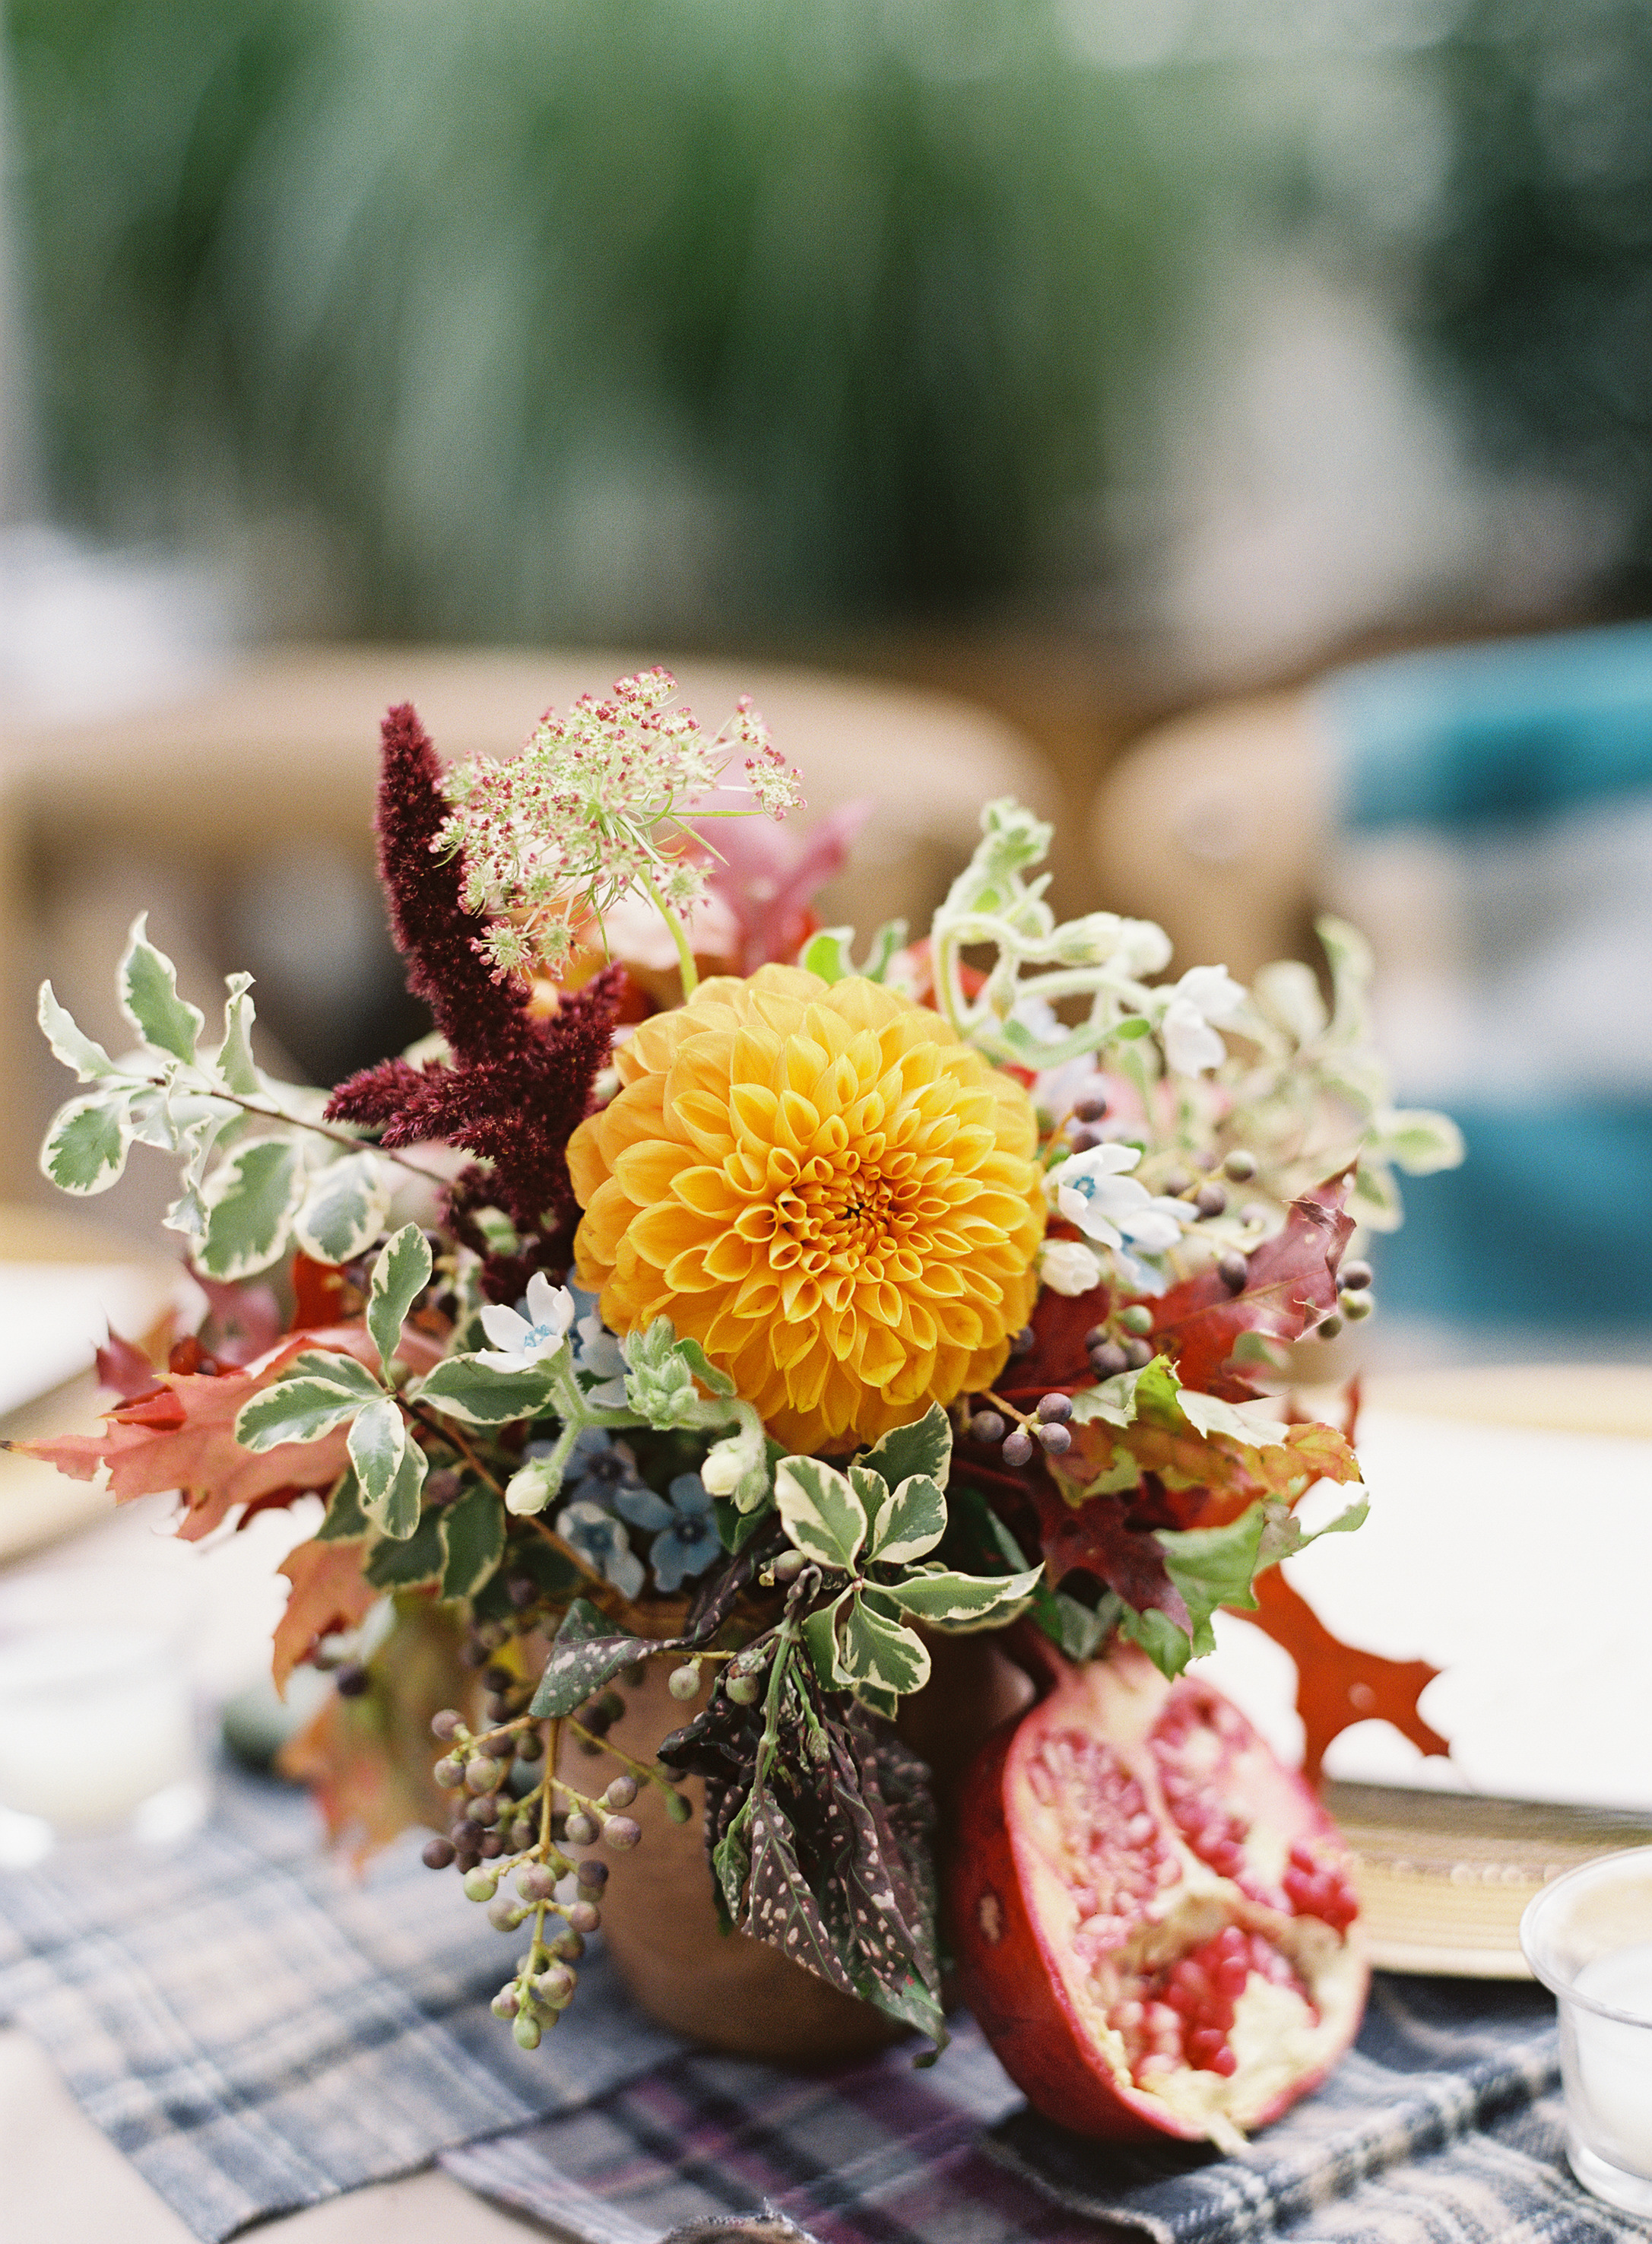 michelle-edgemont-thanksgiving-table-1116.jpg (skyword:358463)